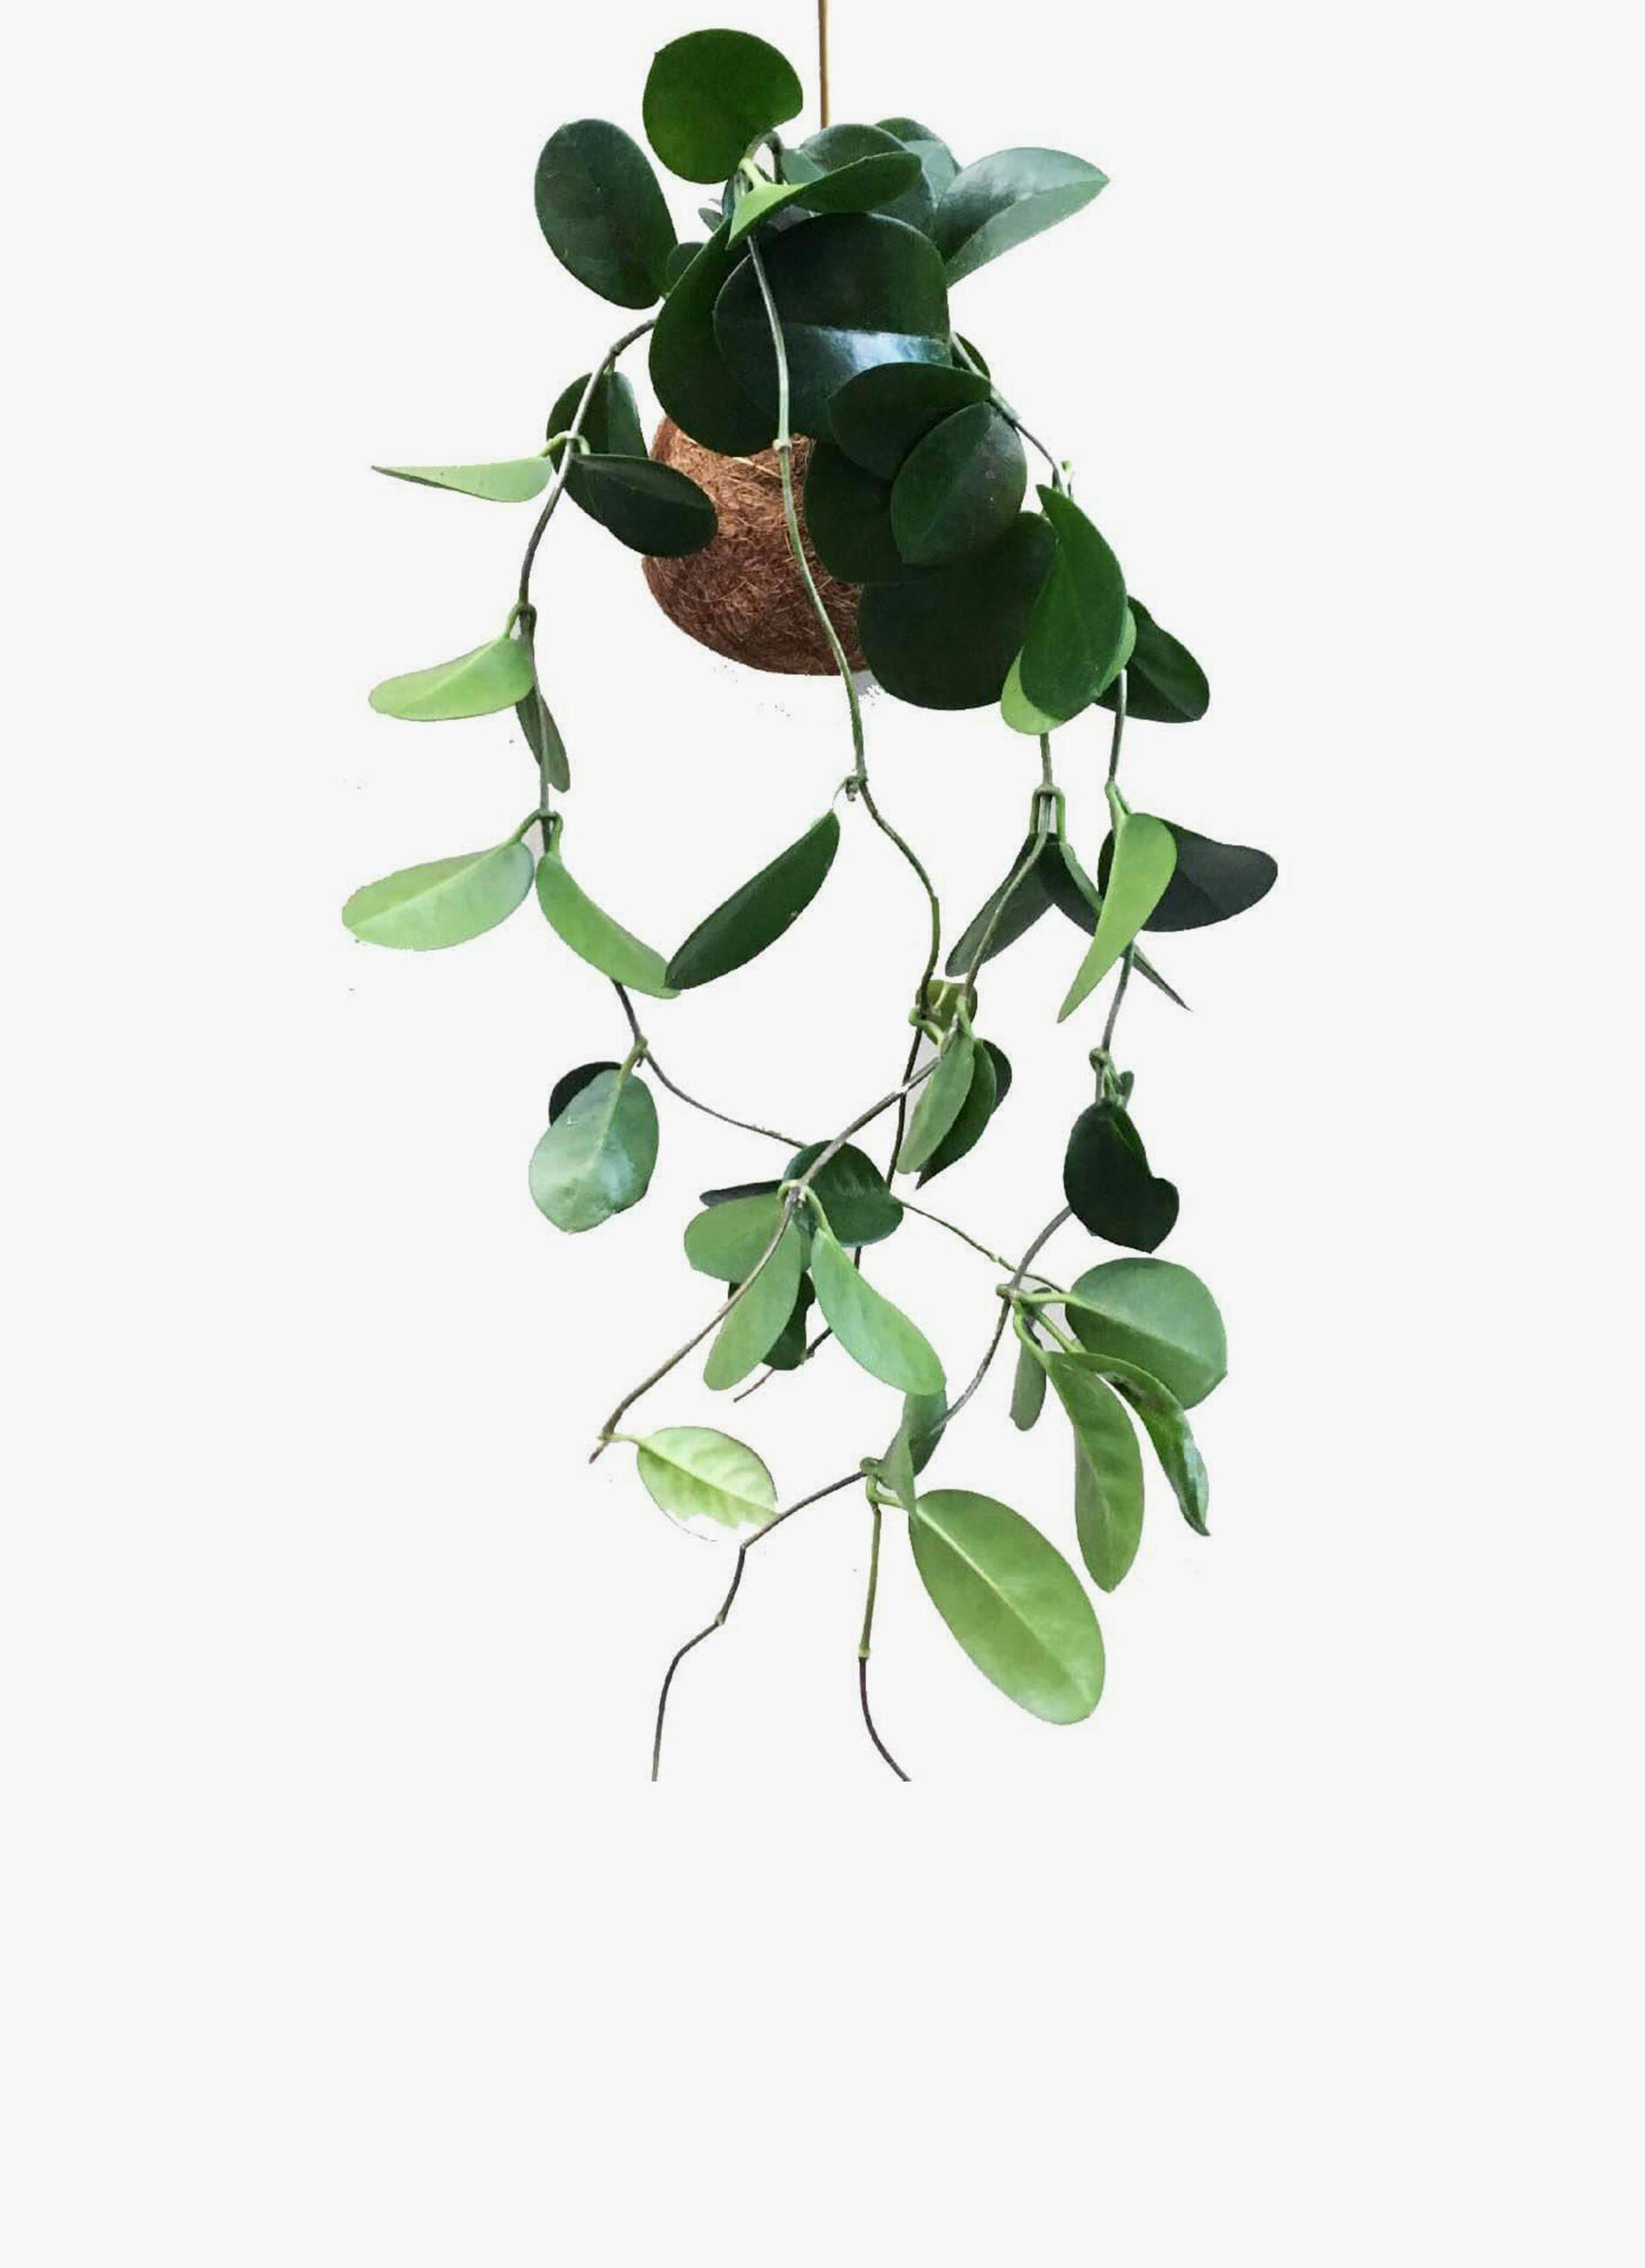 Kaja Skytte - Hoya Planteplanet